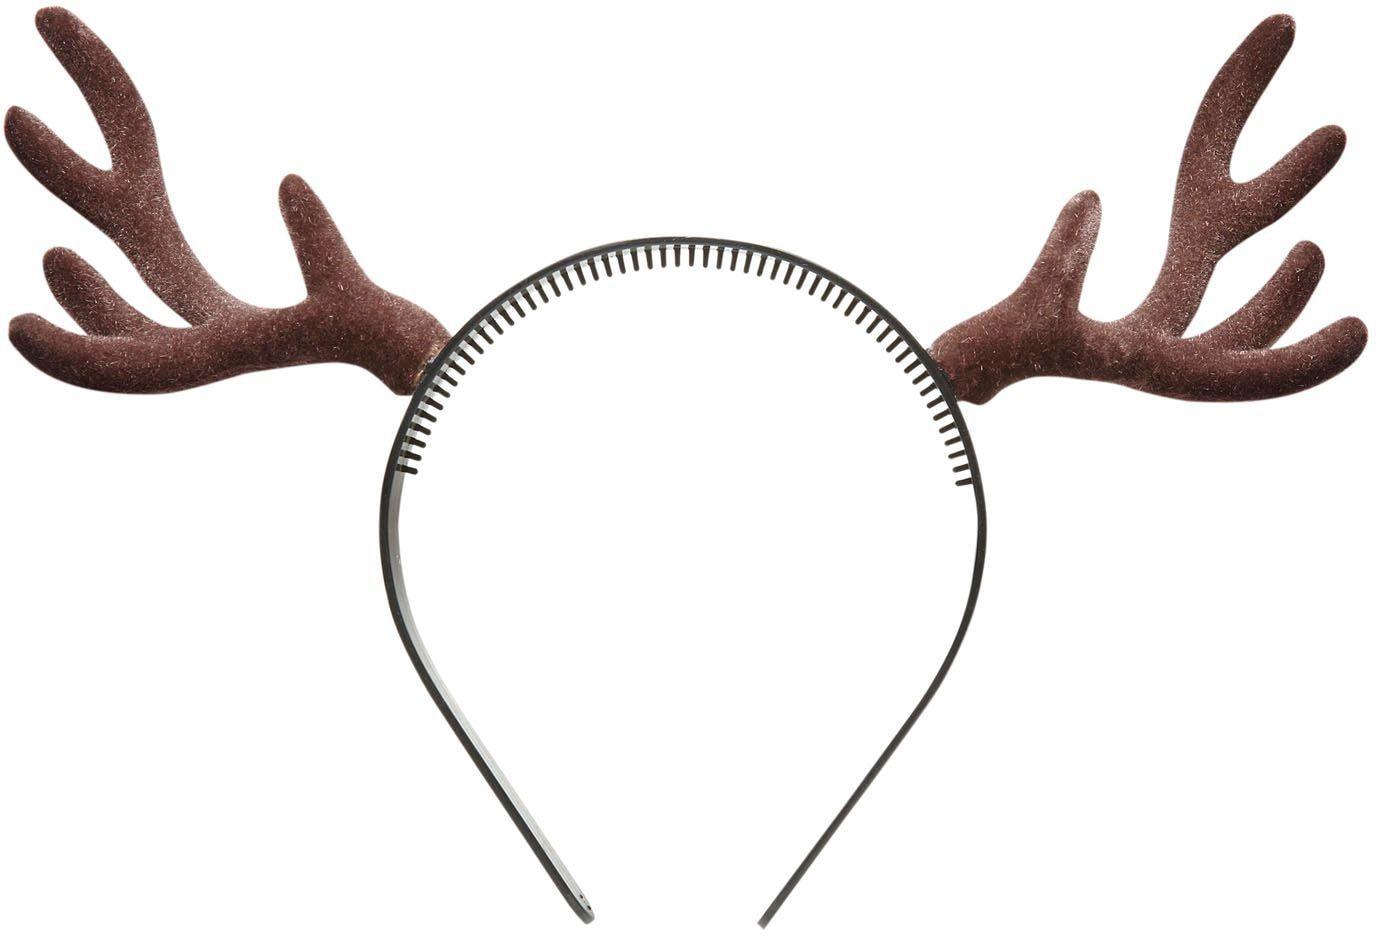 Bruine rendier hoorns